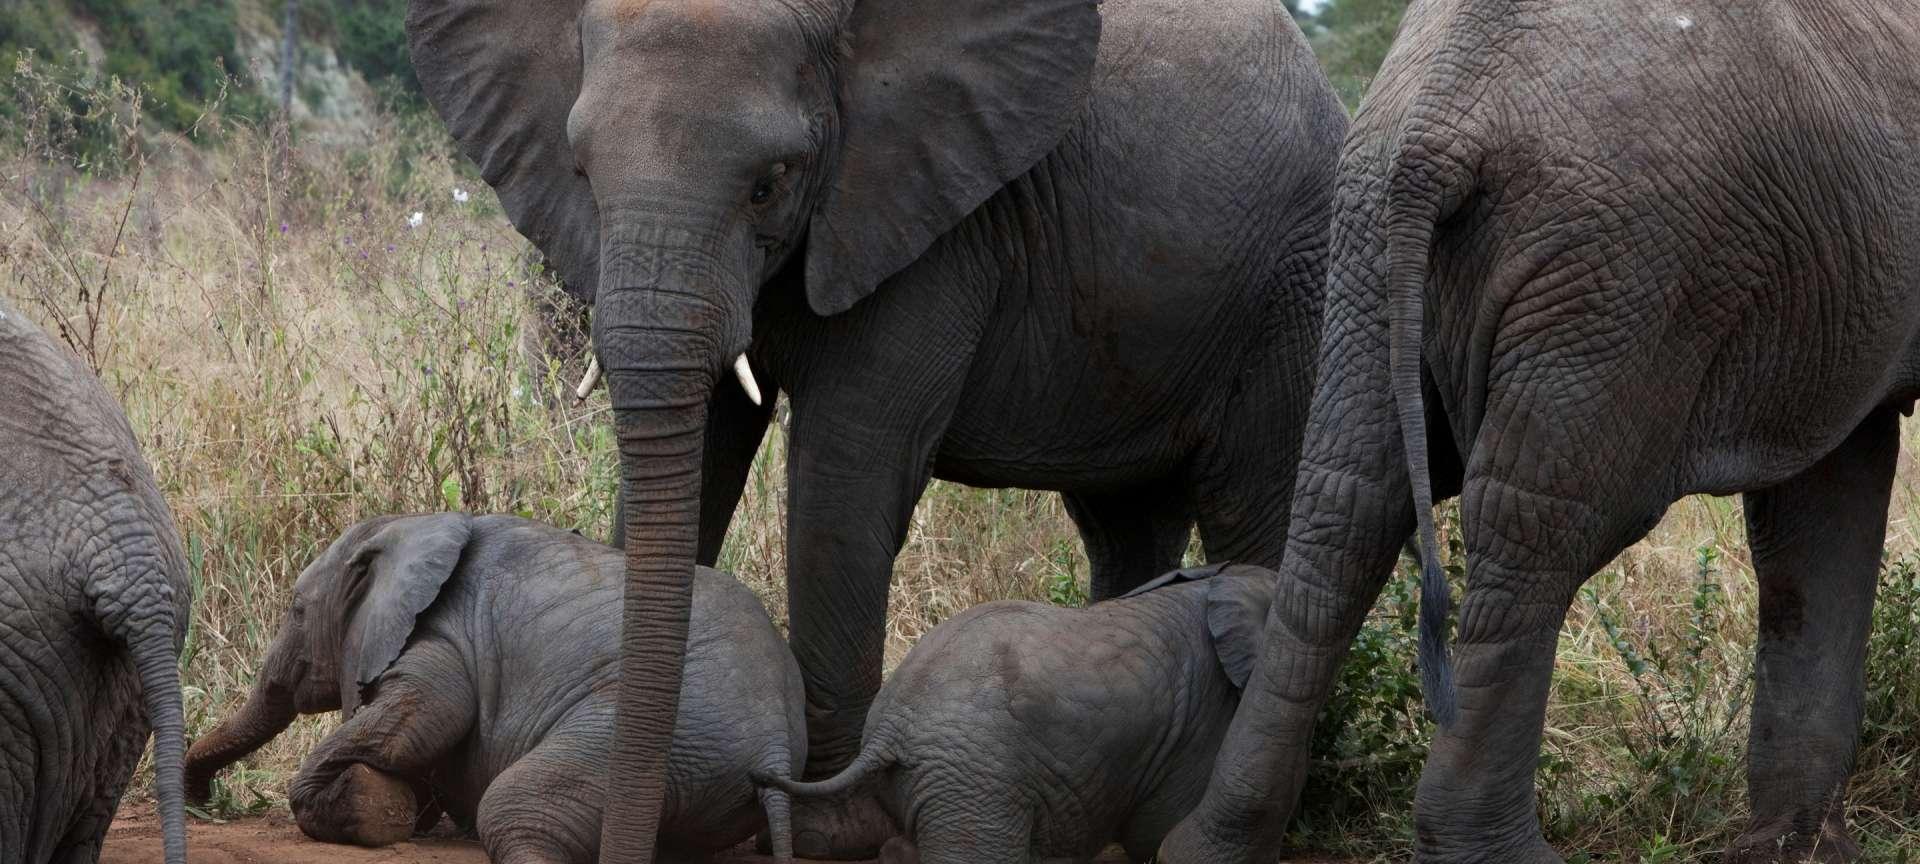 Tarangire National Park - Africa Wildlife Safaris